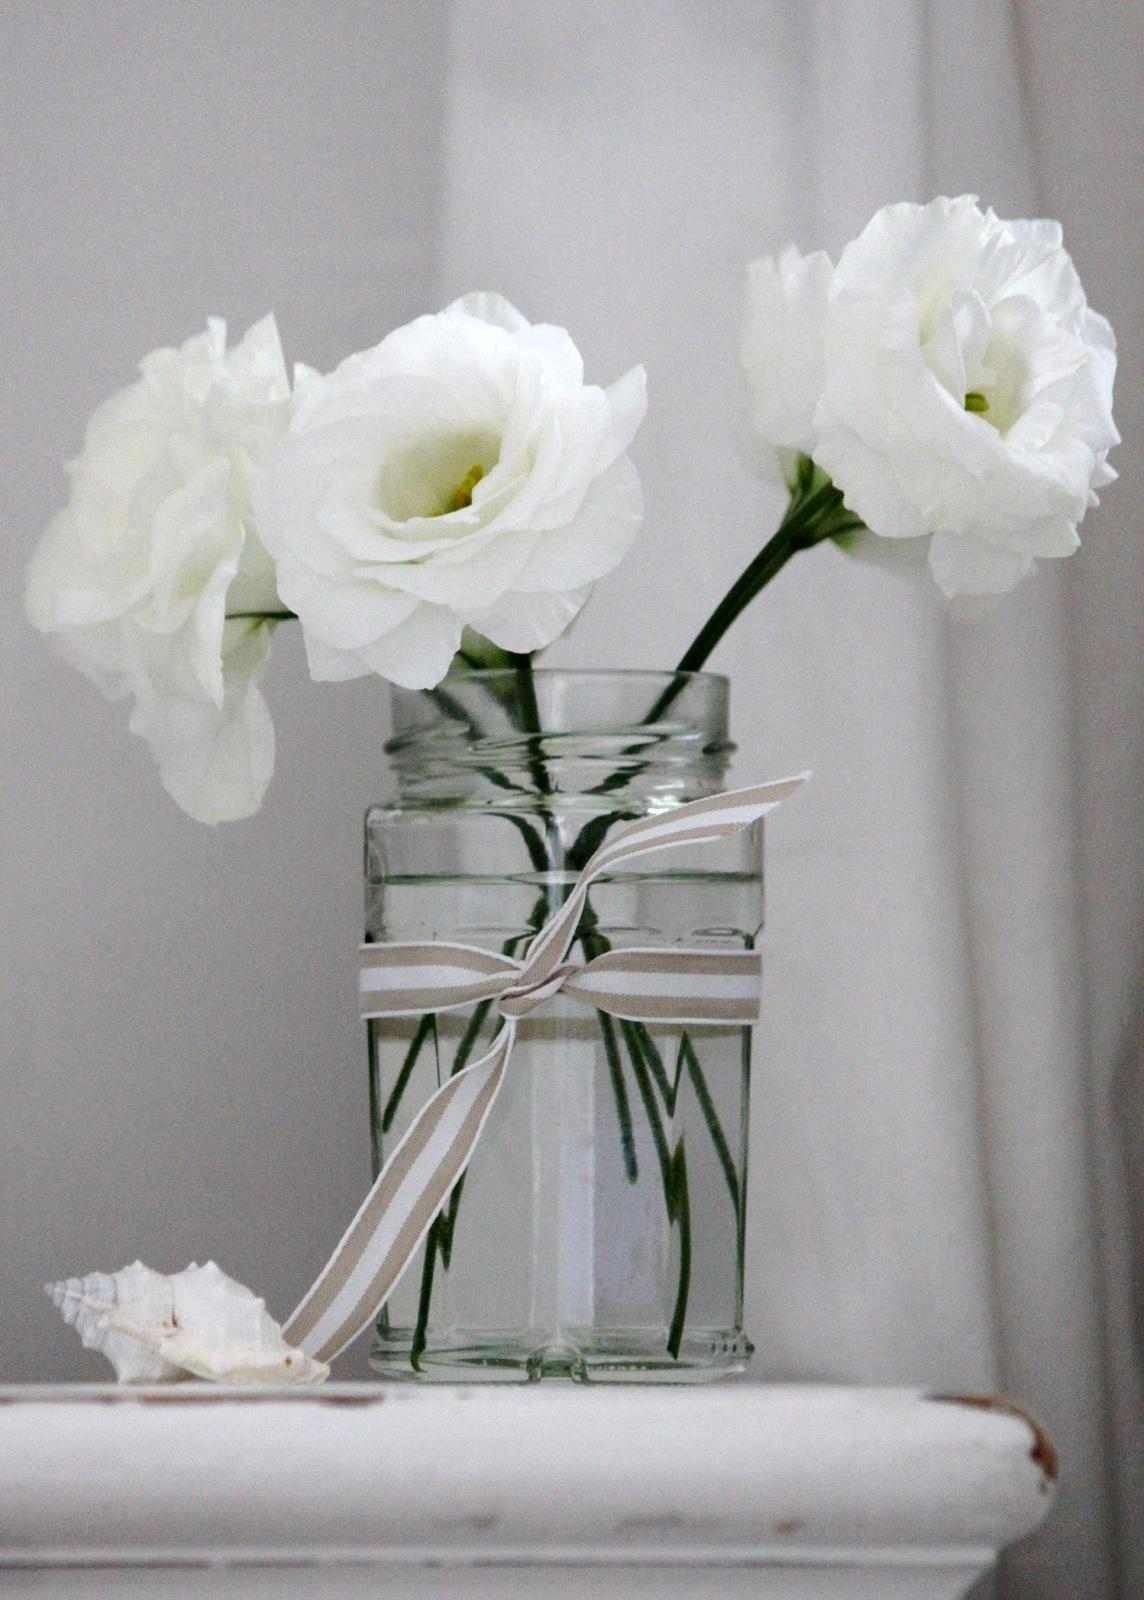 White Flowers in Jar